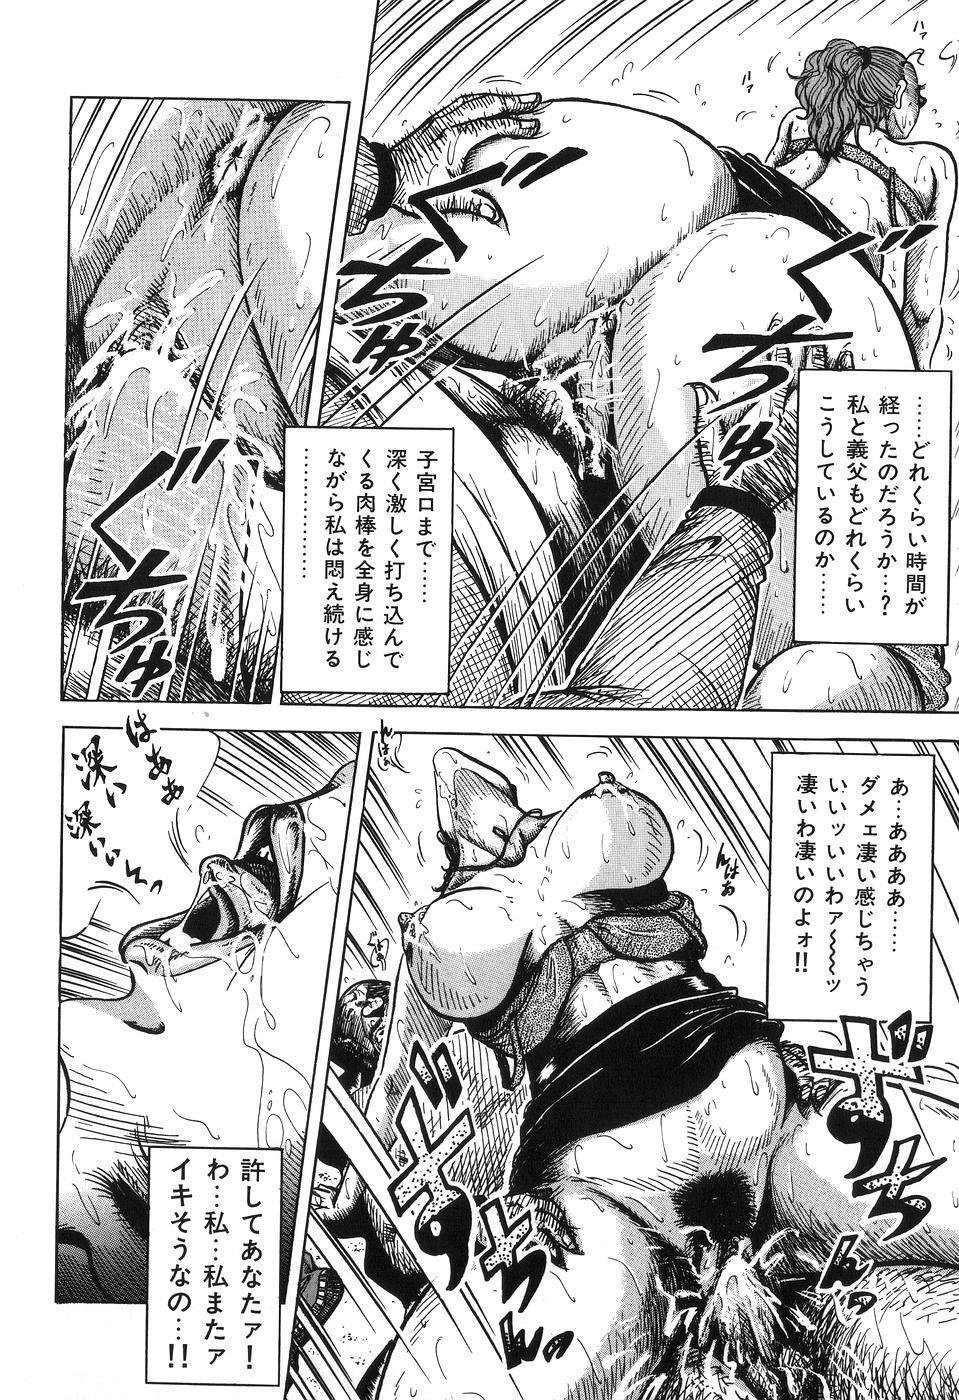 Jukubo Soukan Yosoji no Tawamure 81